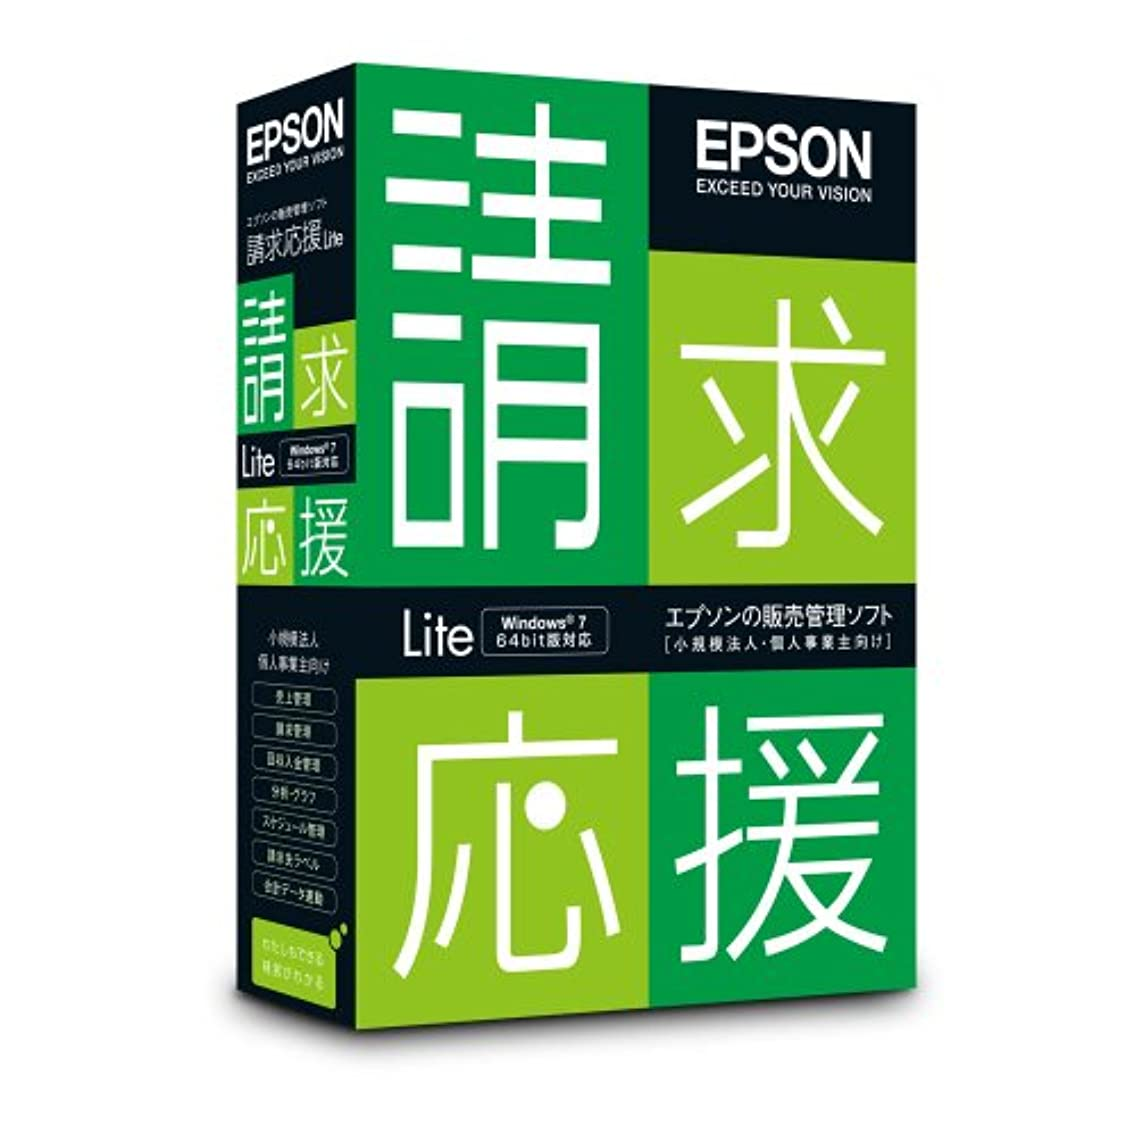 エプソン 請求応援Lite スタンドアローン版 Ver.2.07